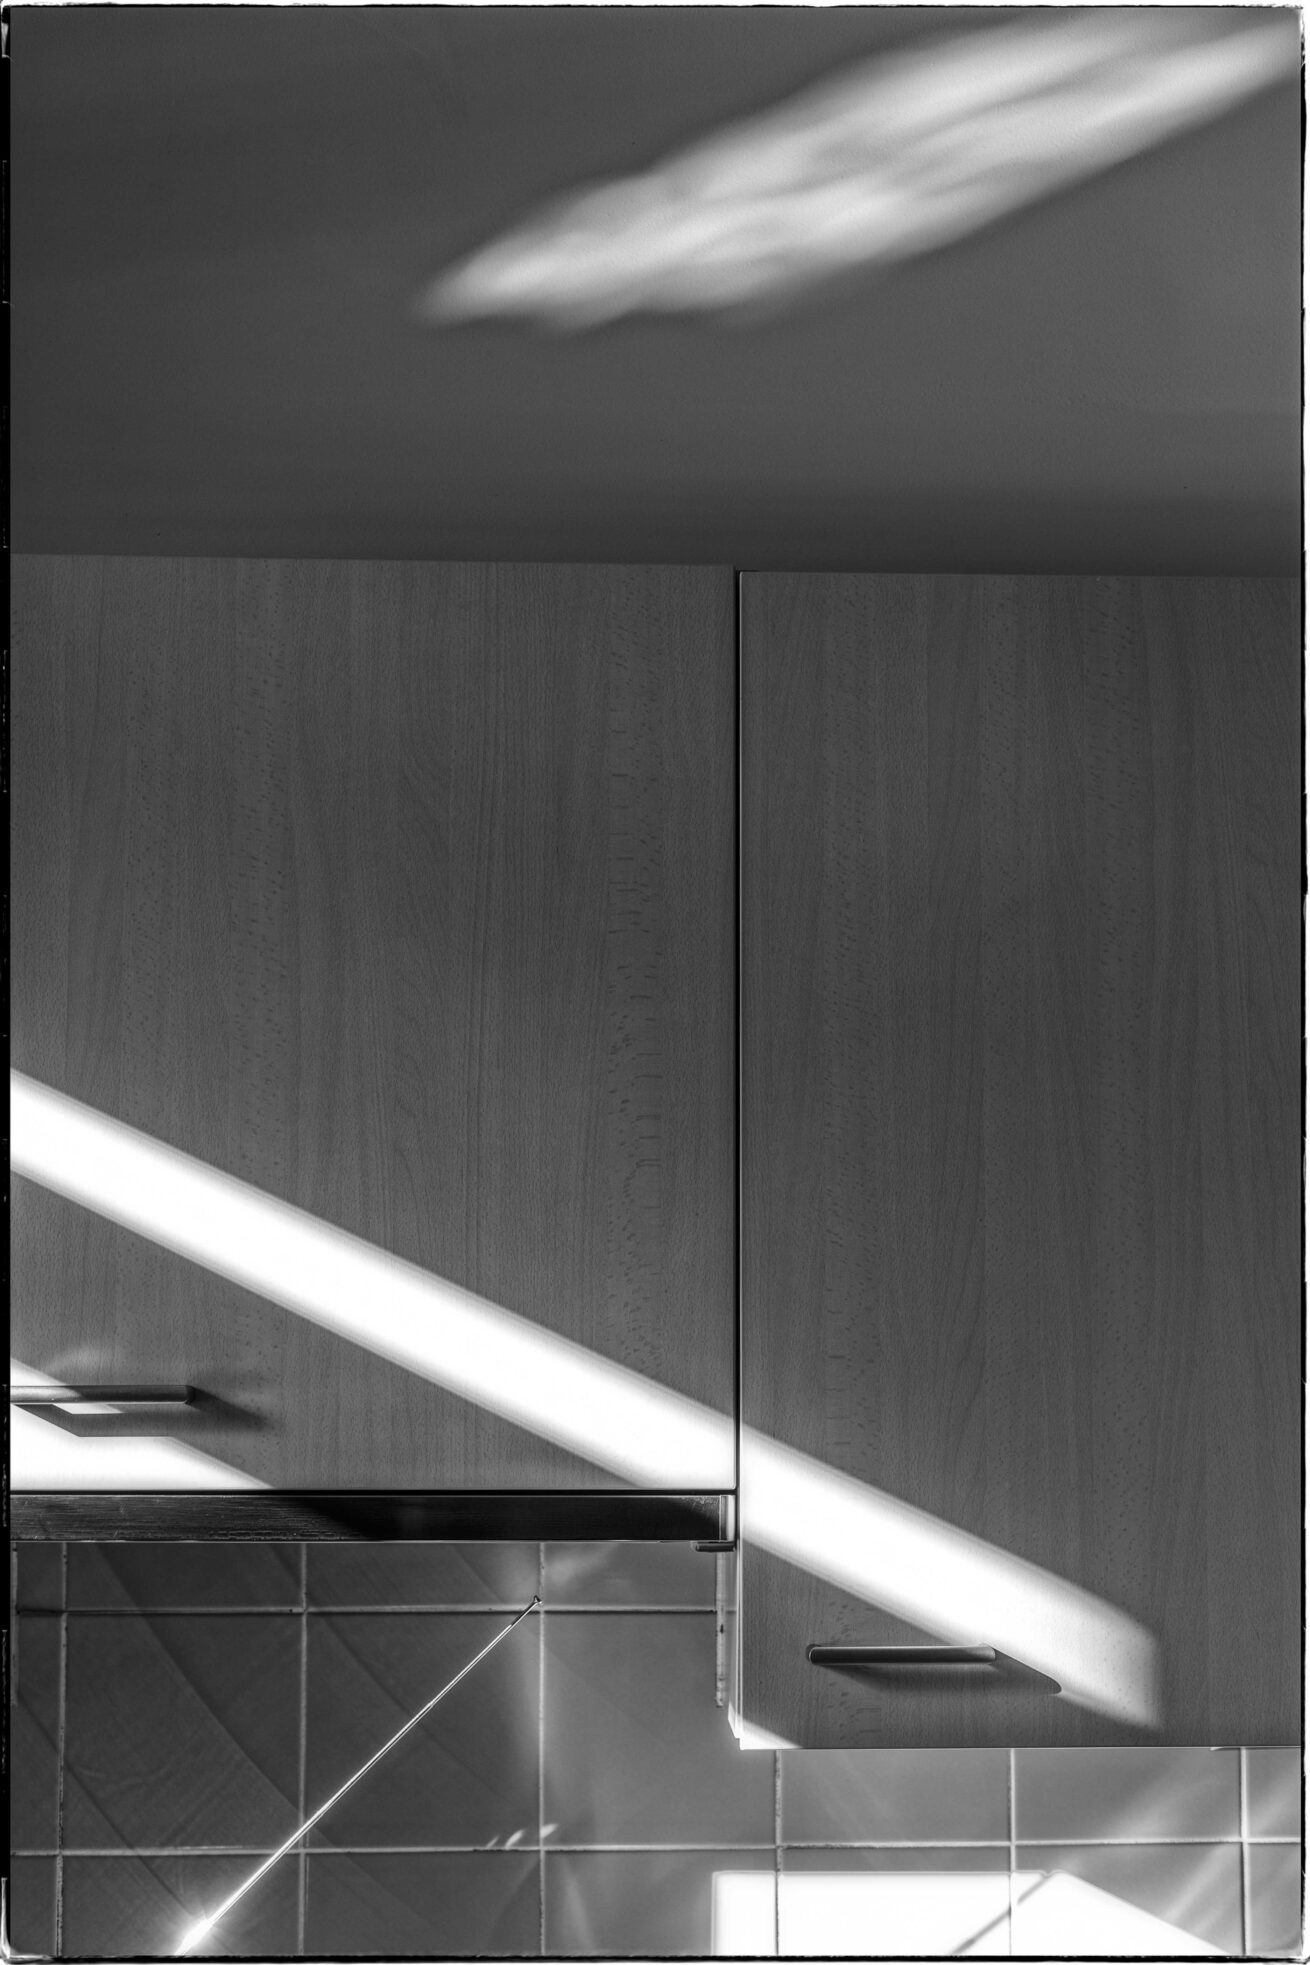 keukenkast en zonlicht (1 van 1)